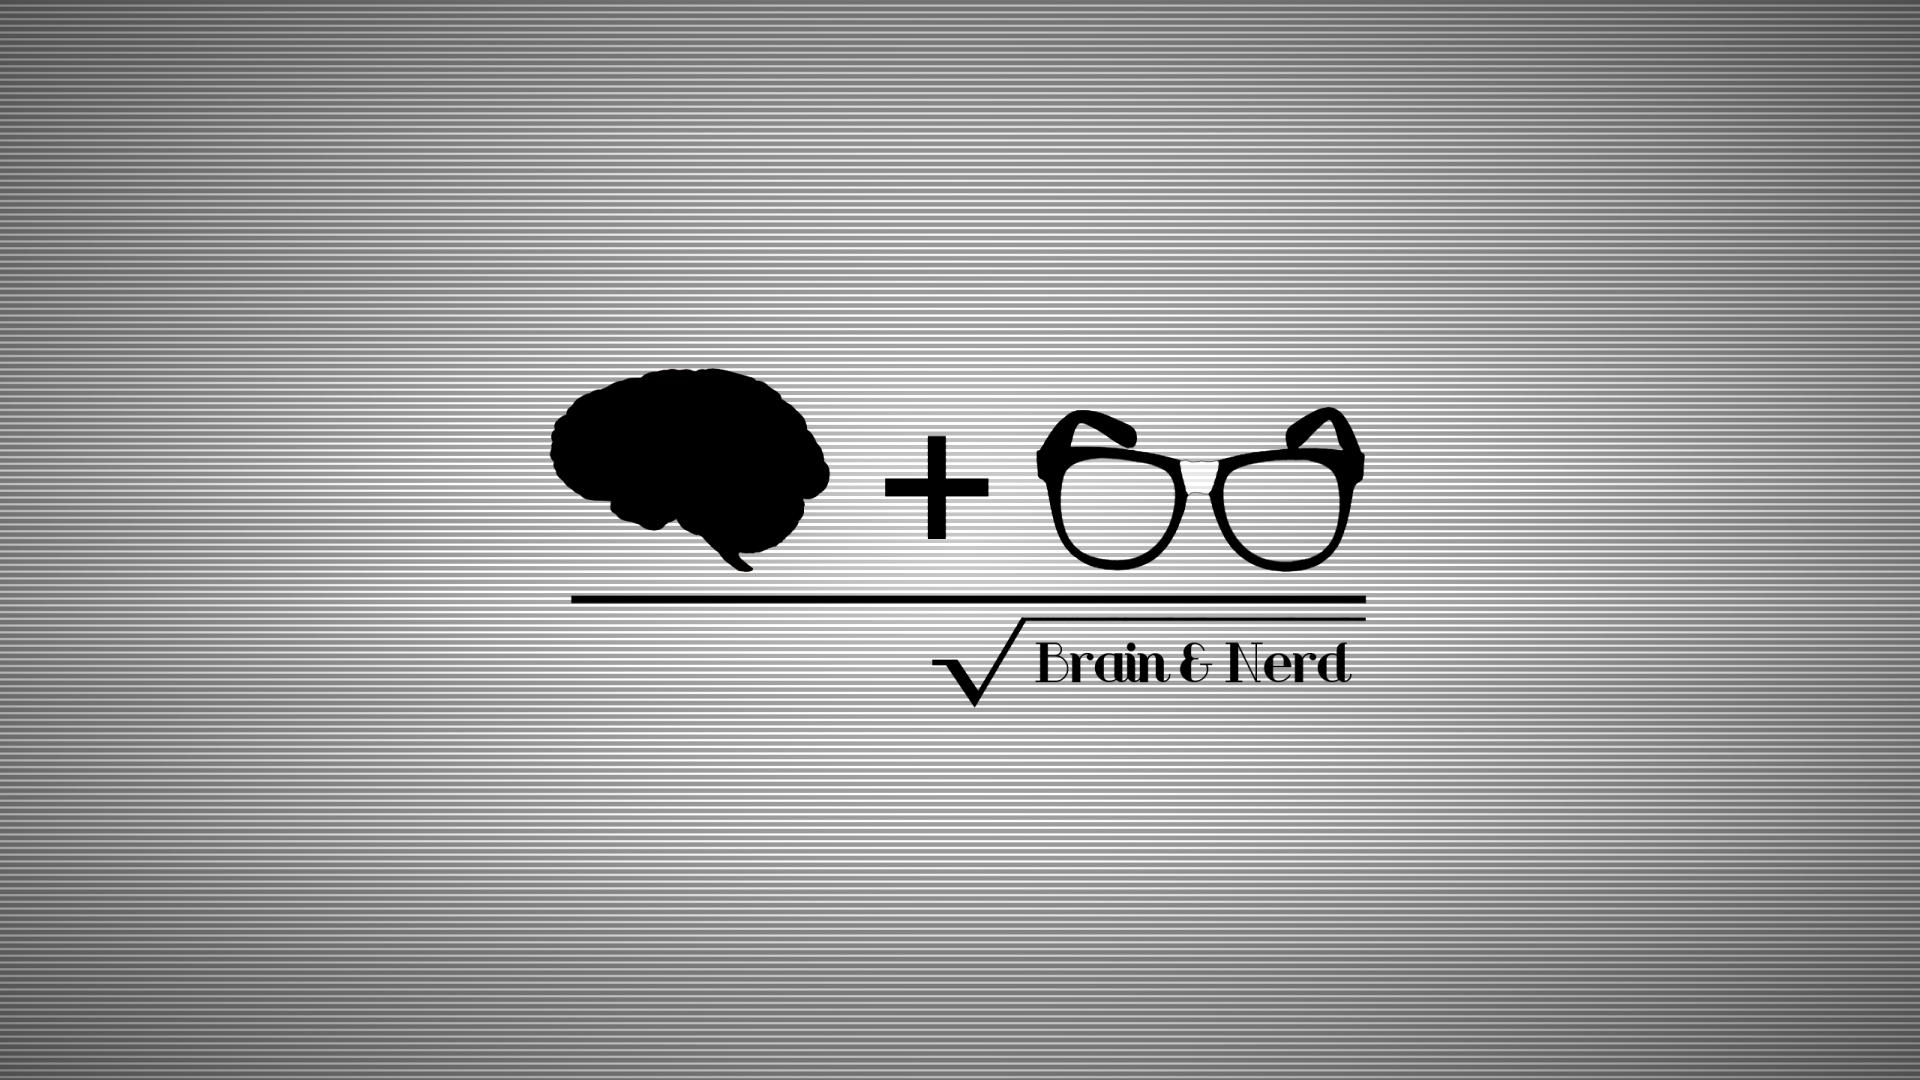 brainnerdlogo